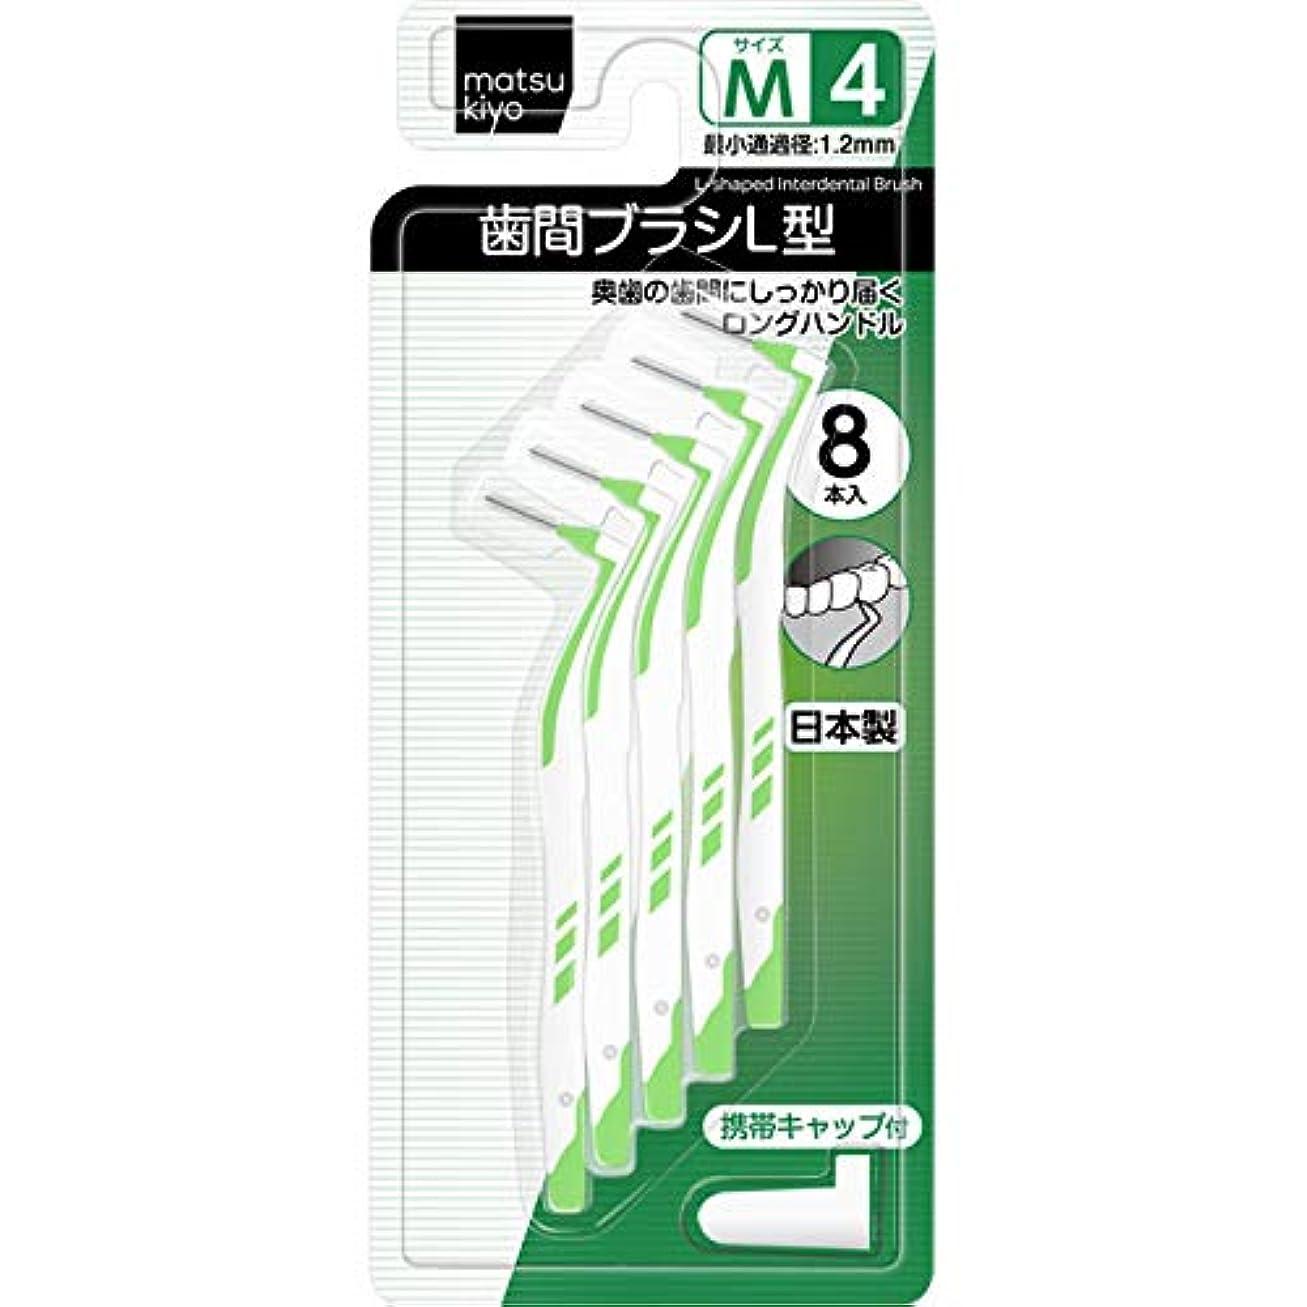 思い出すブレーキ人matsukiyo 歯間ブラシL型 サイズ4(M) 8本